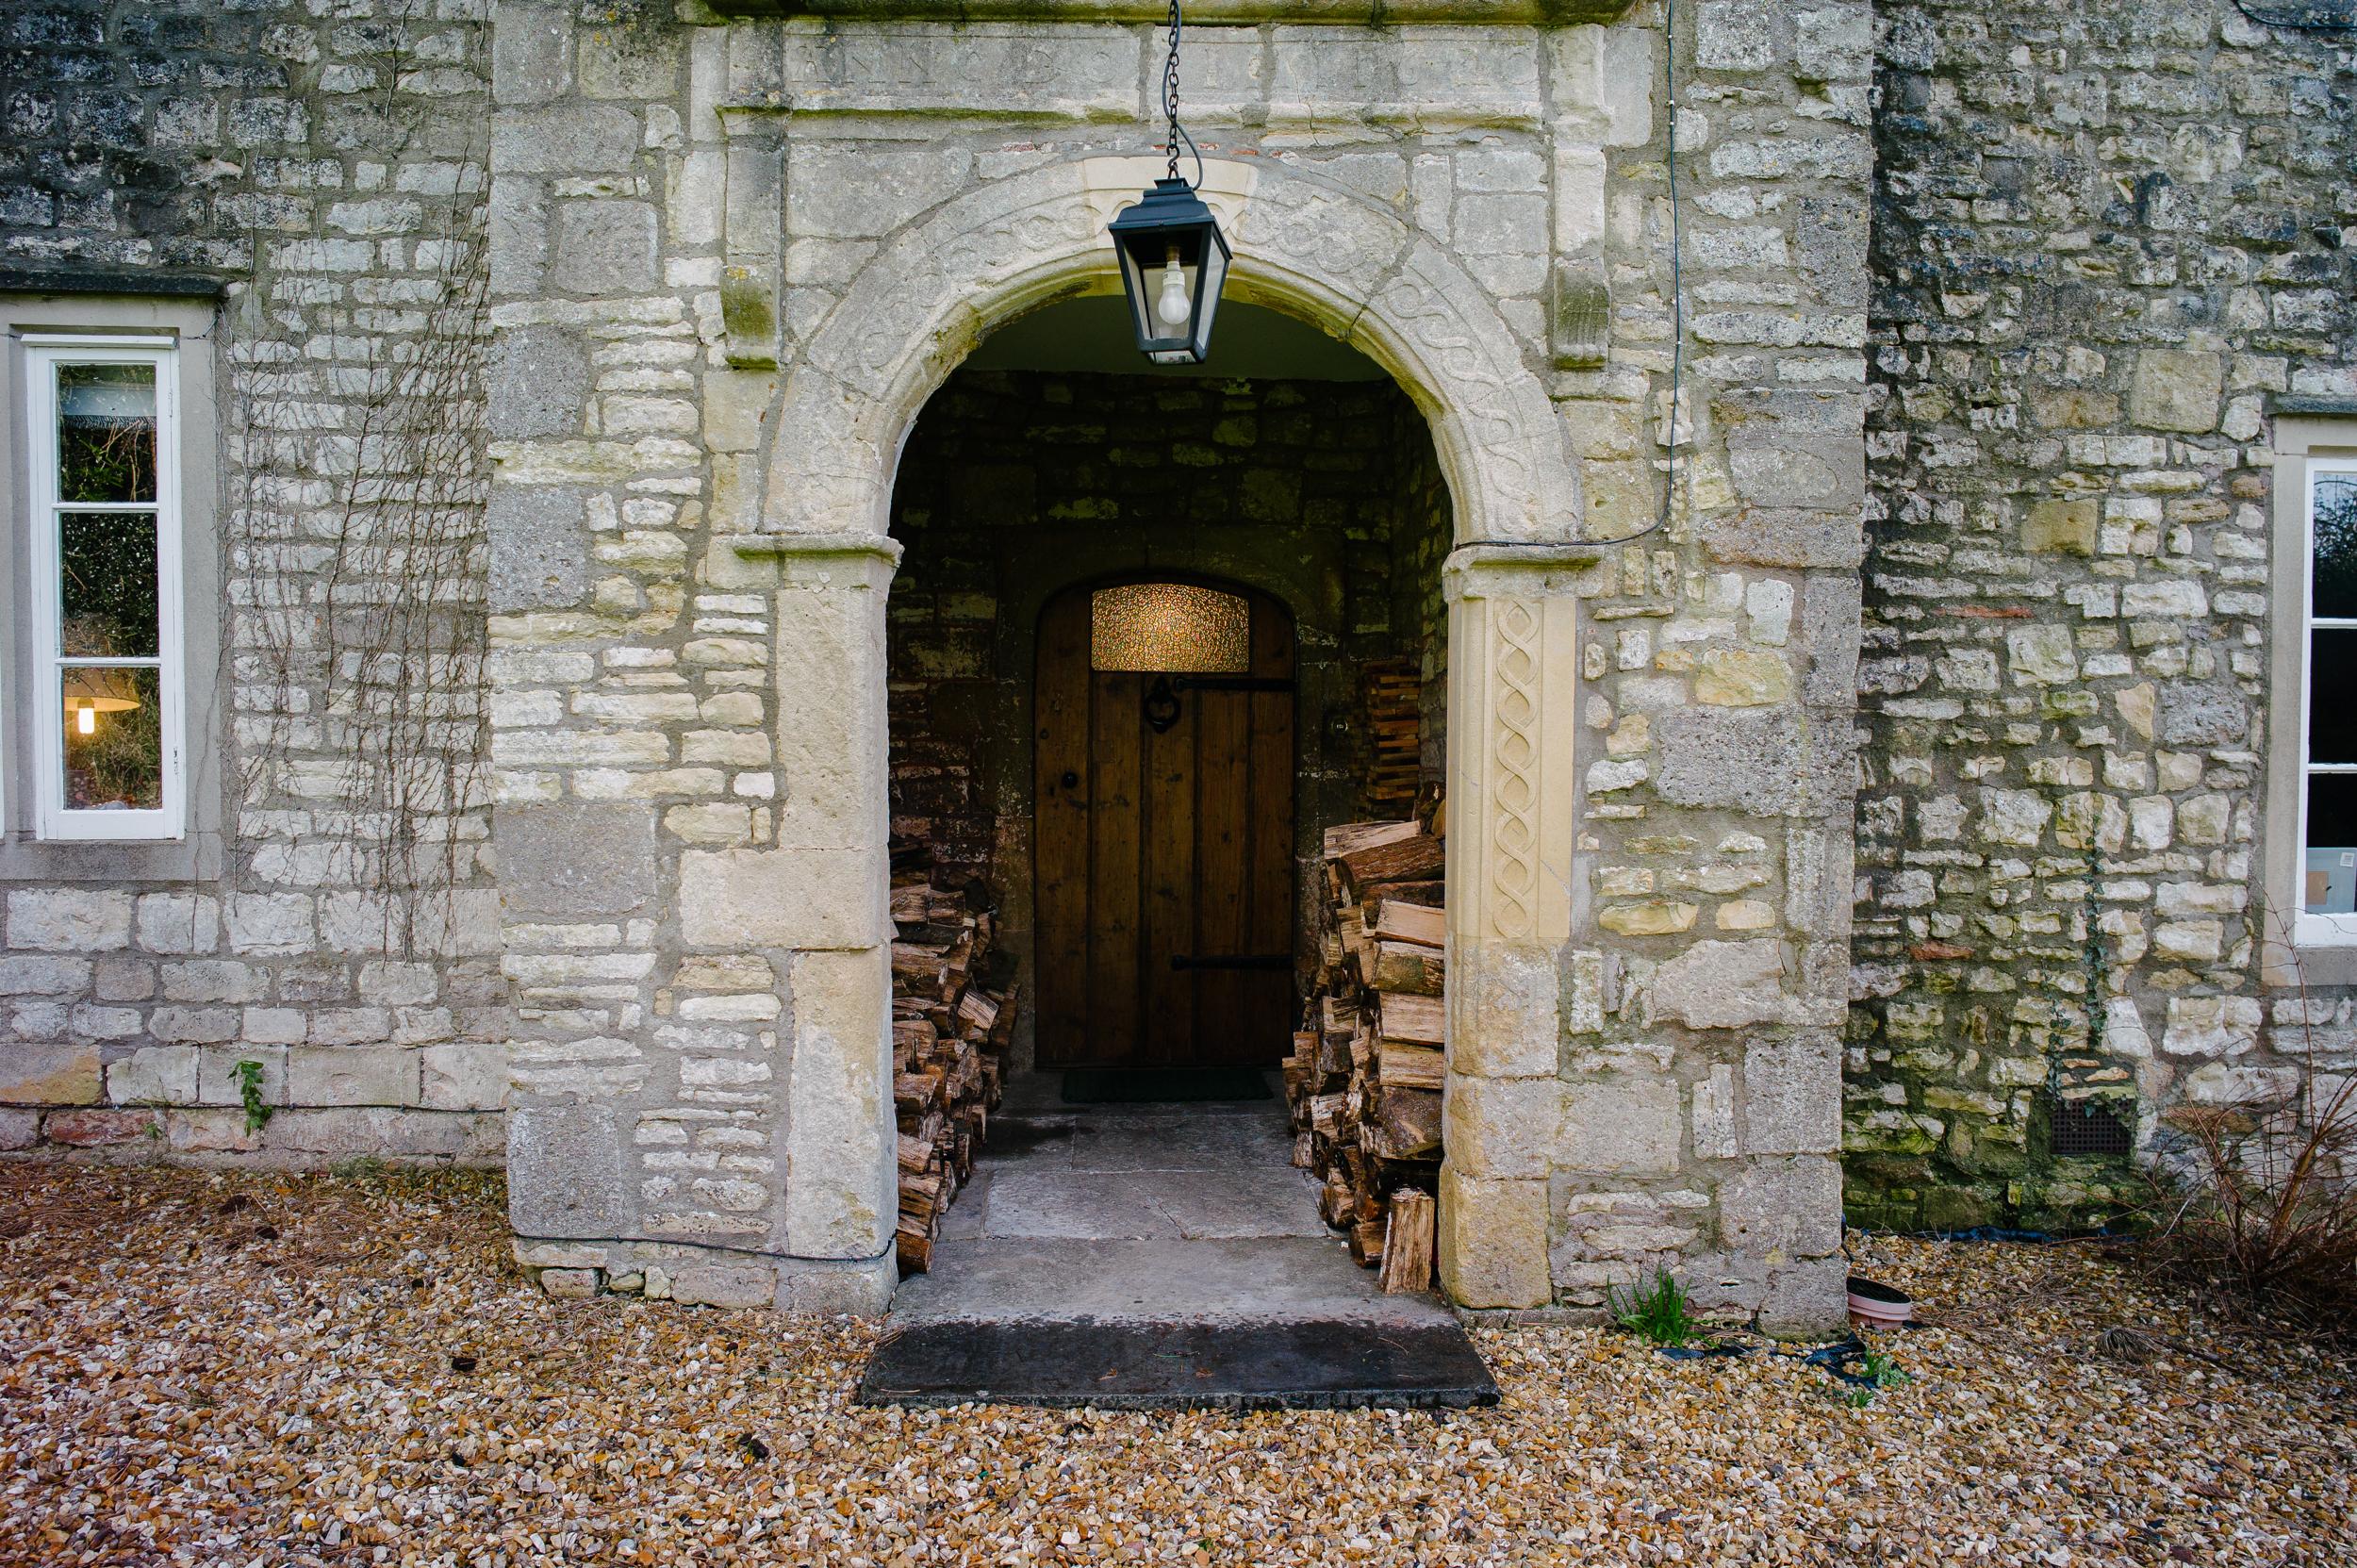 Pennleigh_Welton Manor Farm-3.jpg